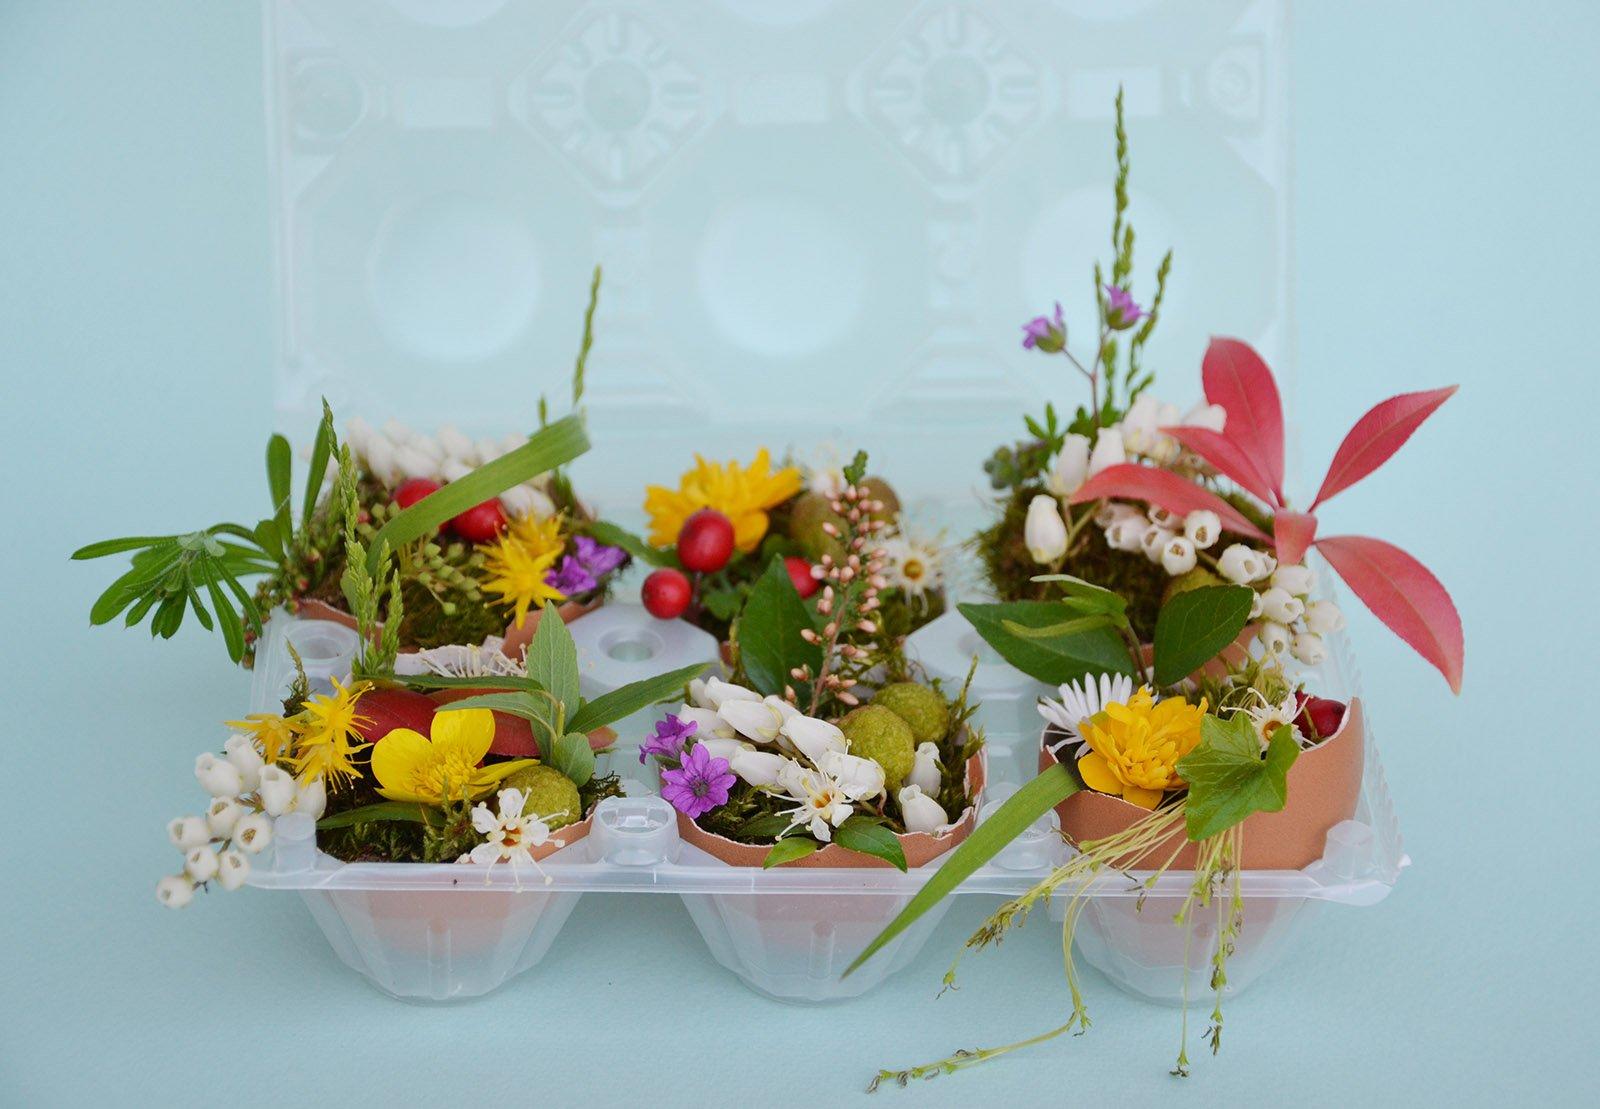 Centrotavola di pasqua mini vasi fioriti con gusci di - Uova di pasqua in casa ...